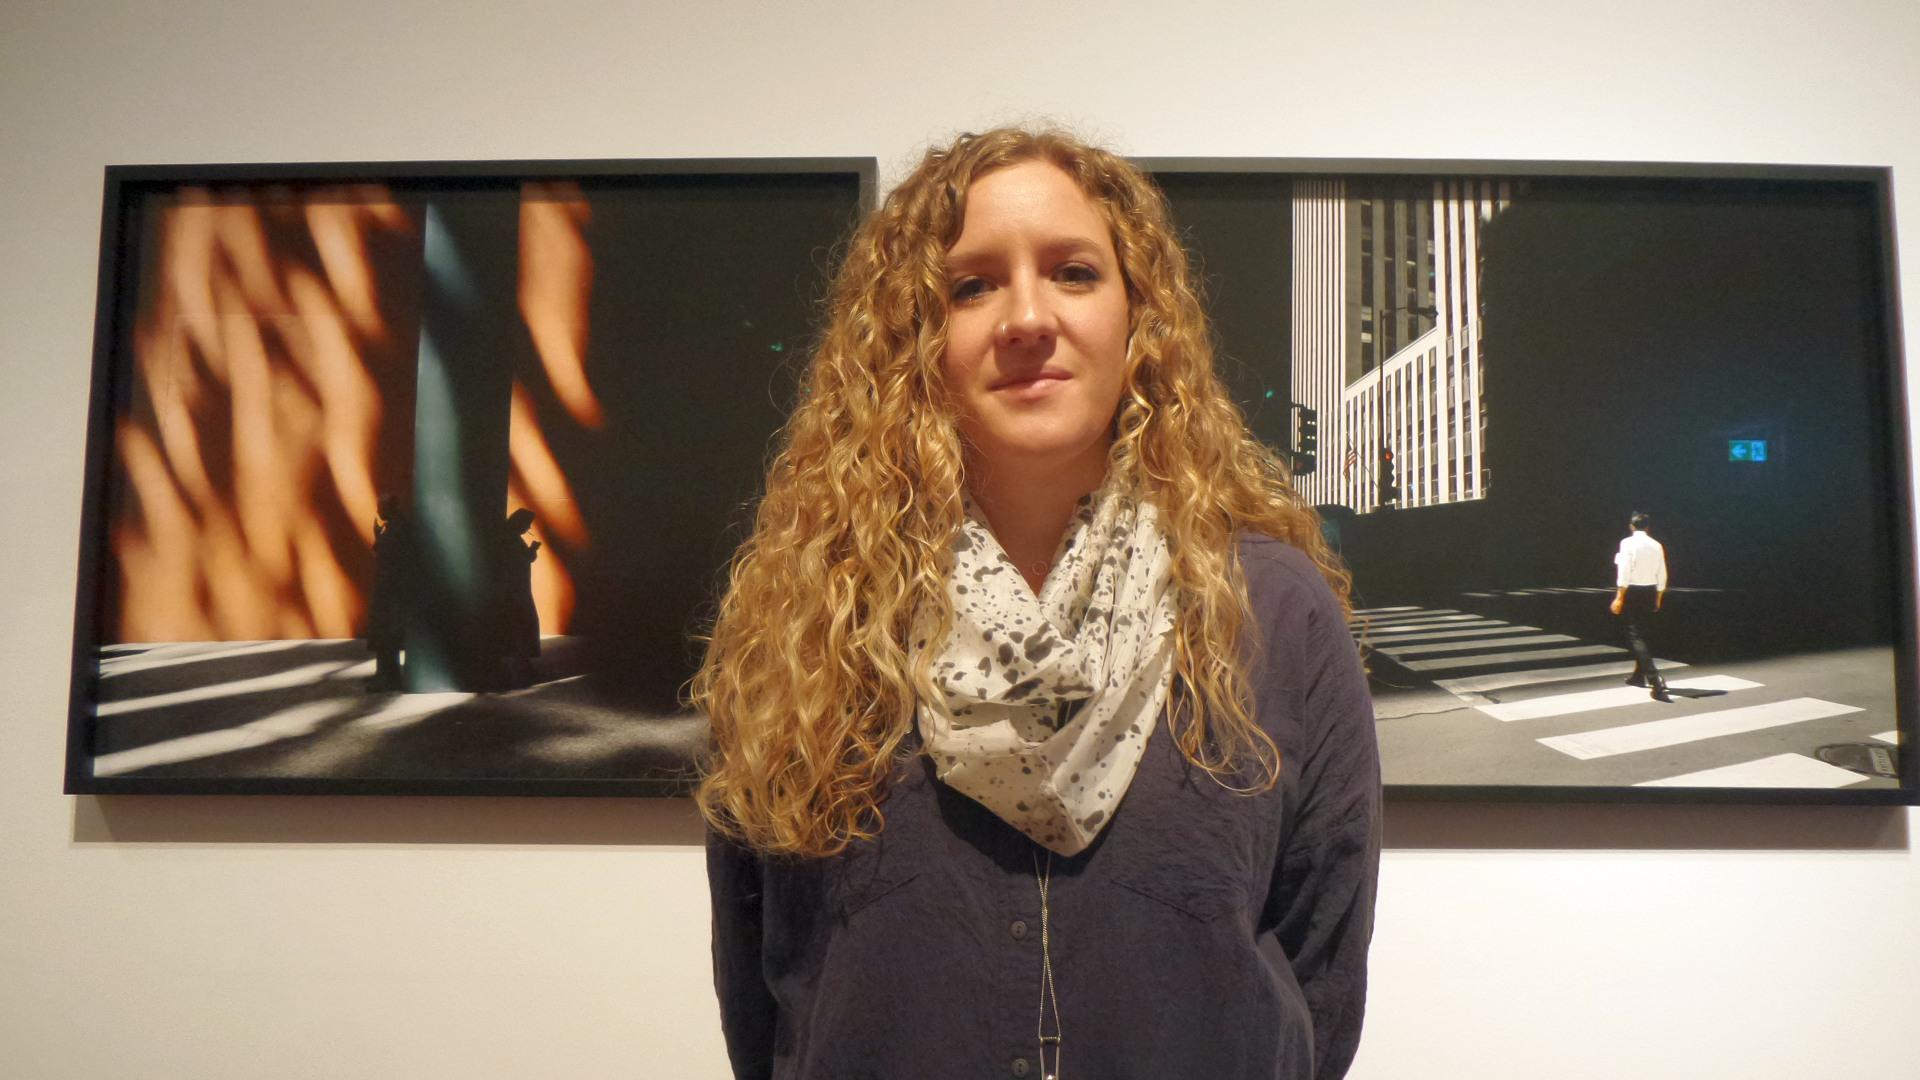 Clarissa Bonet aus Illinois, USA